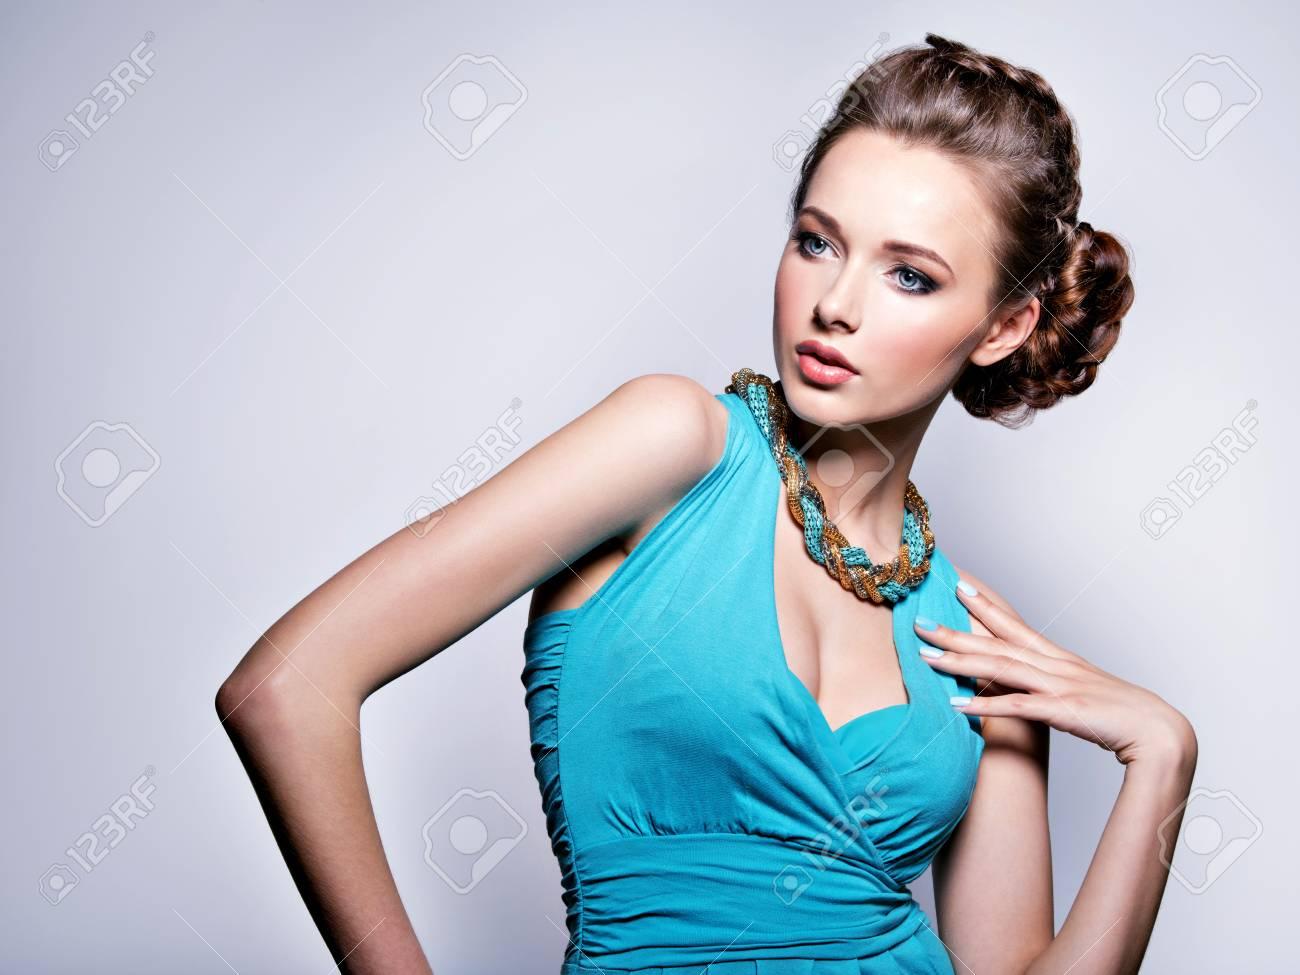 Vestido azul klein unas